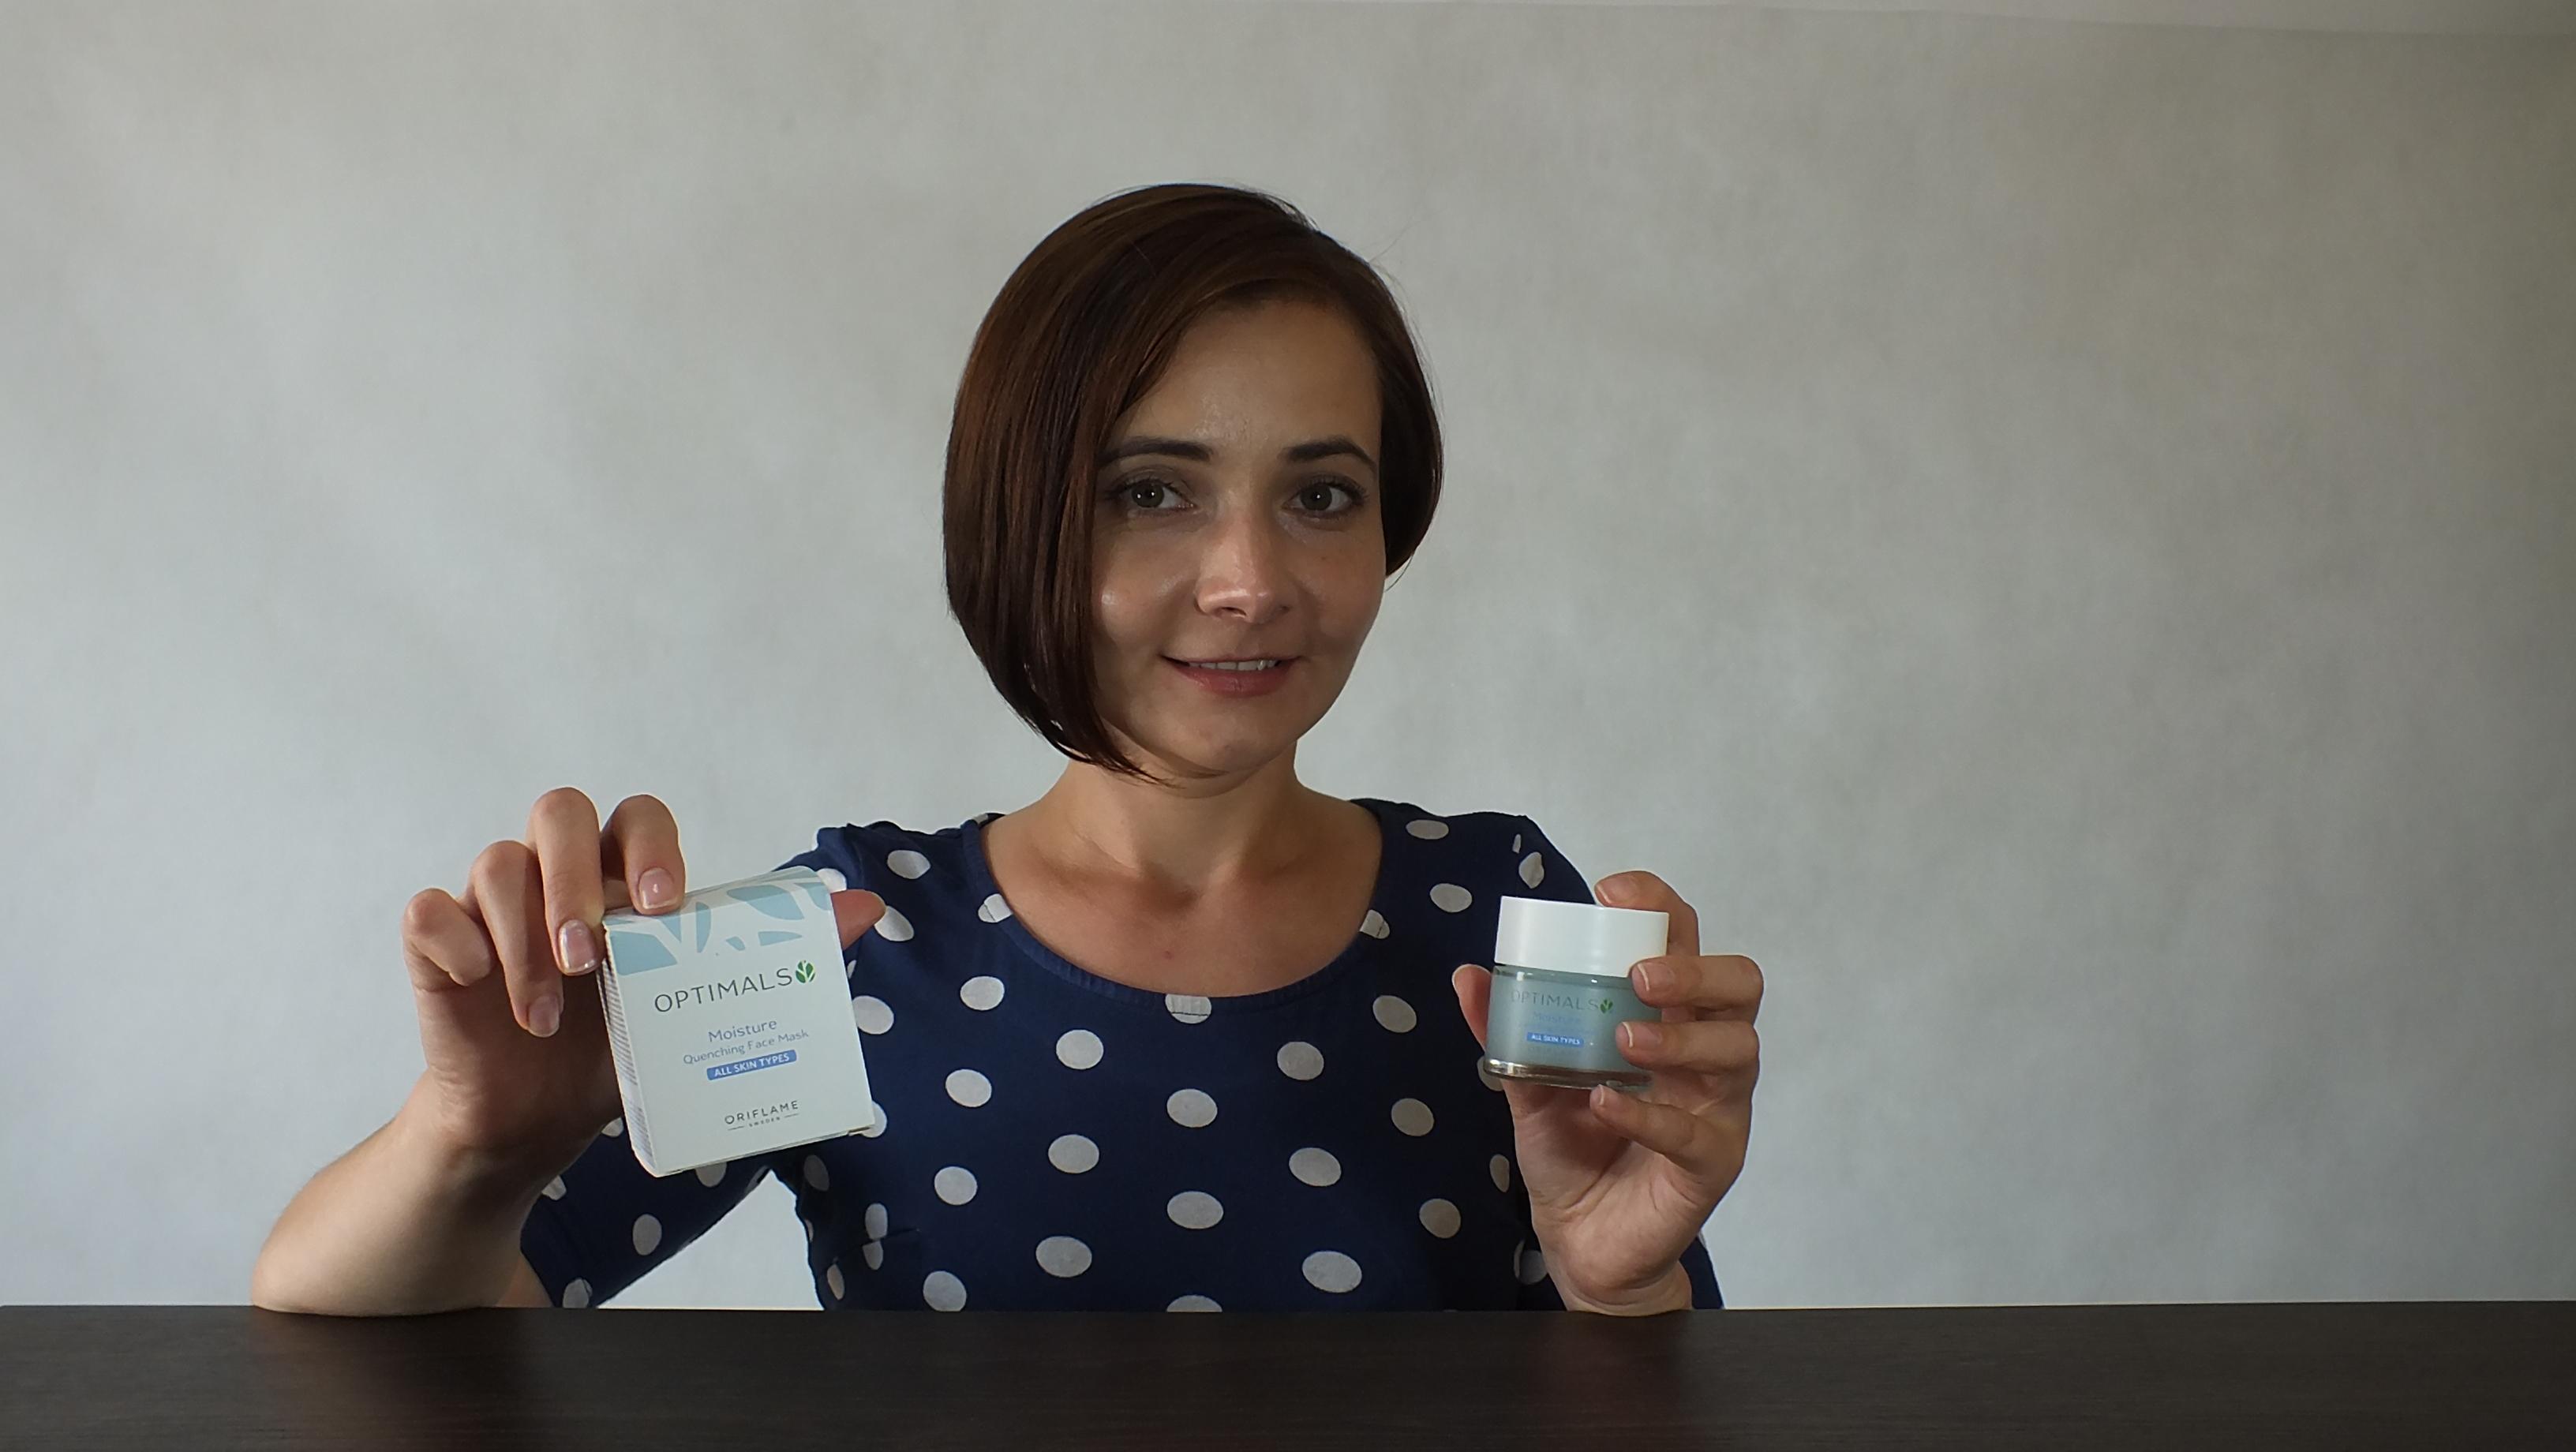 Увлажняющая маска для всех типов кожи Optimals от Орифлэйм